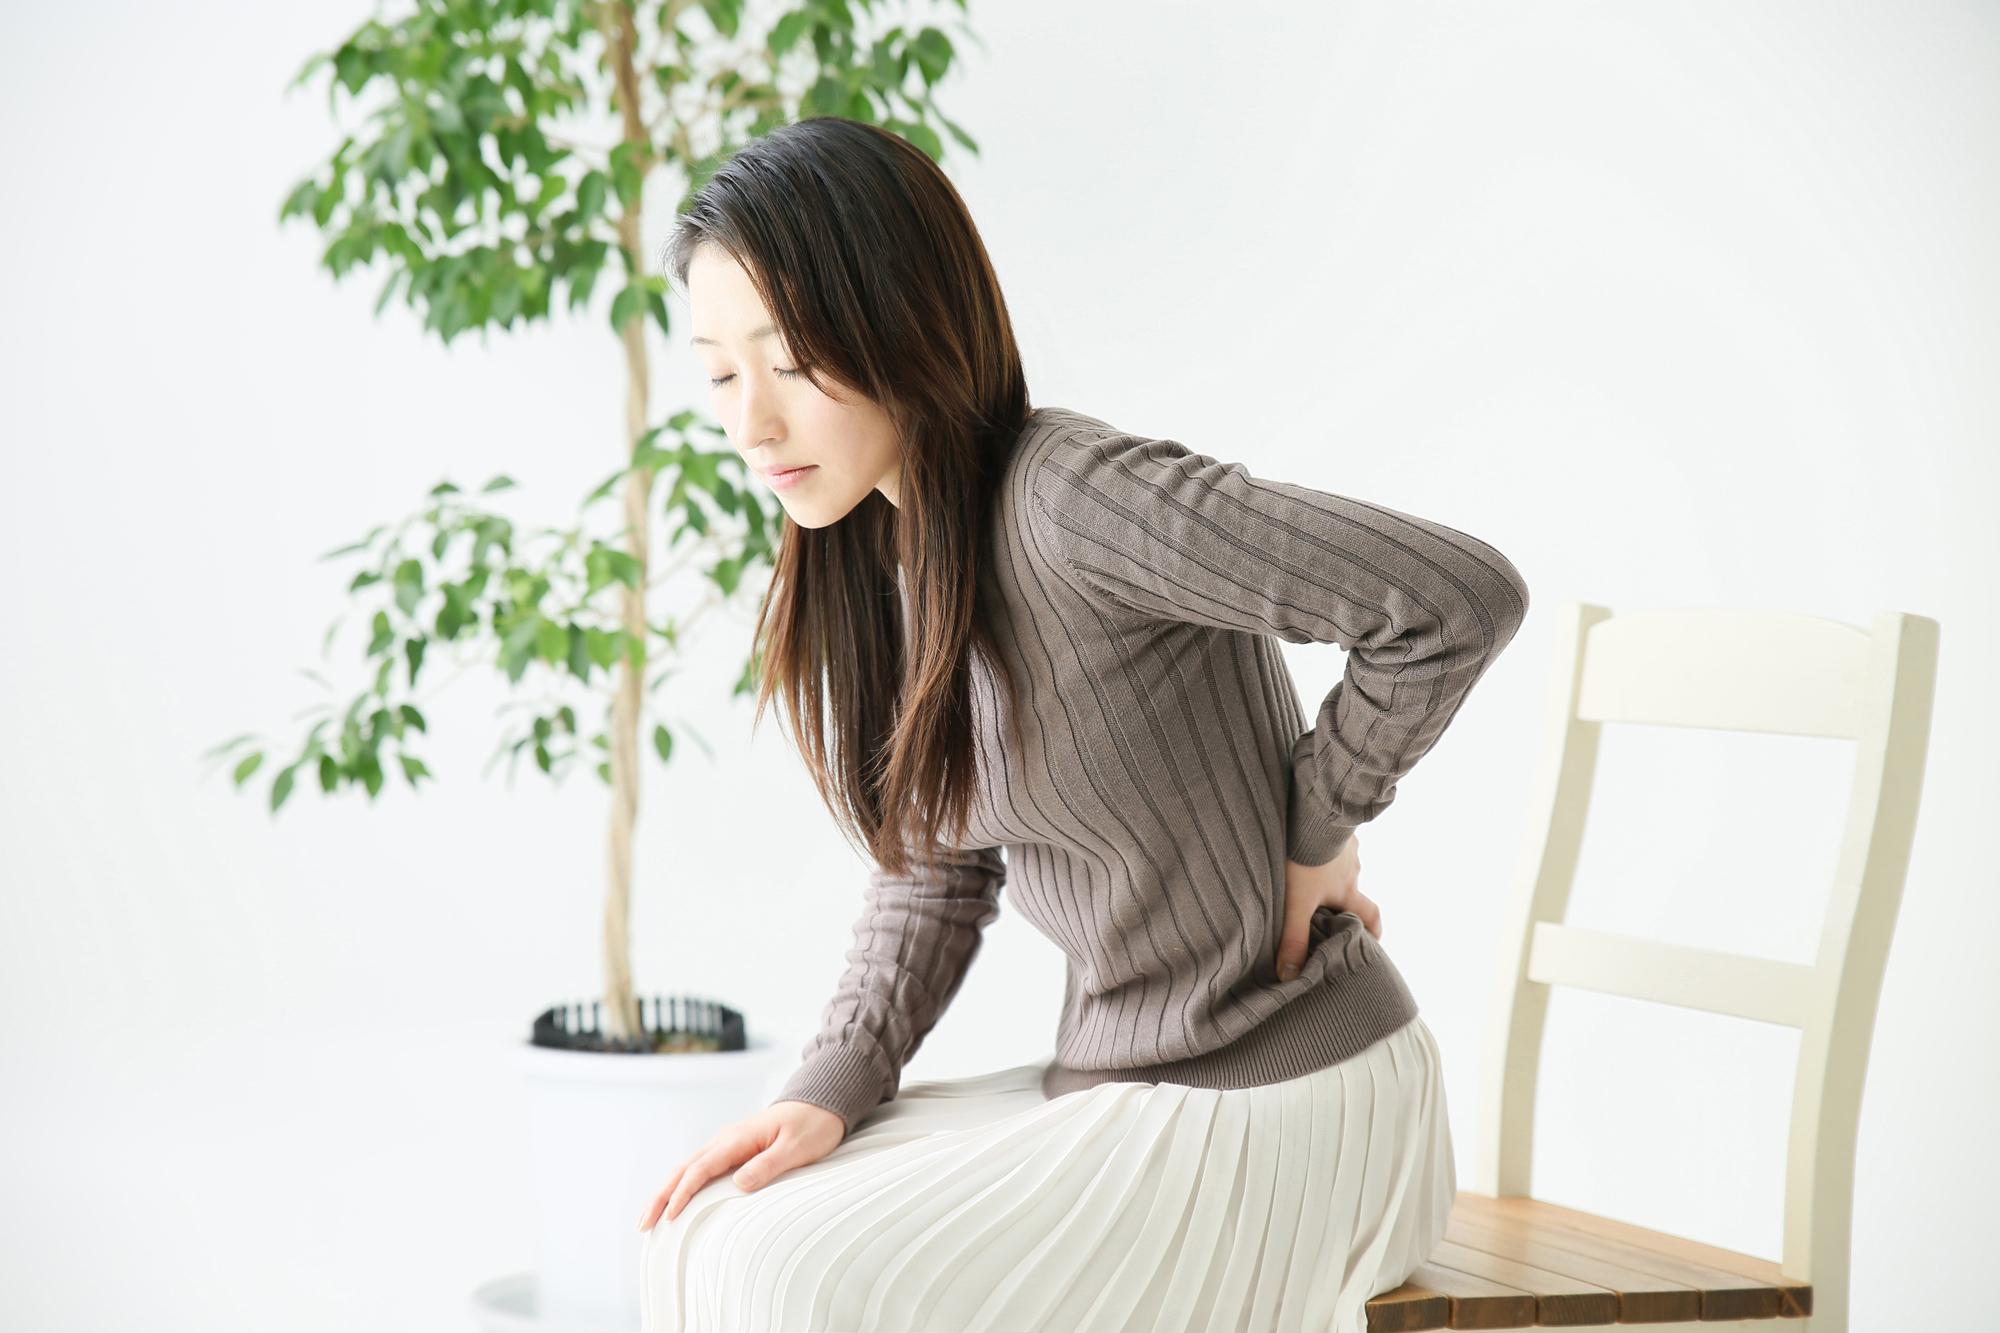 腰痛患者の女性